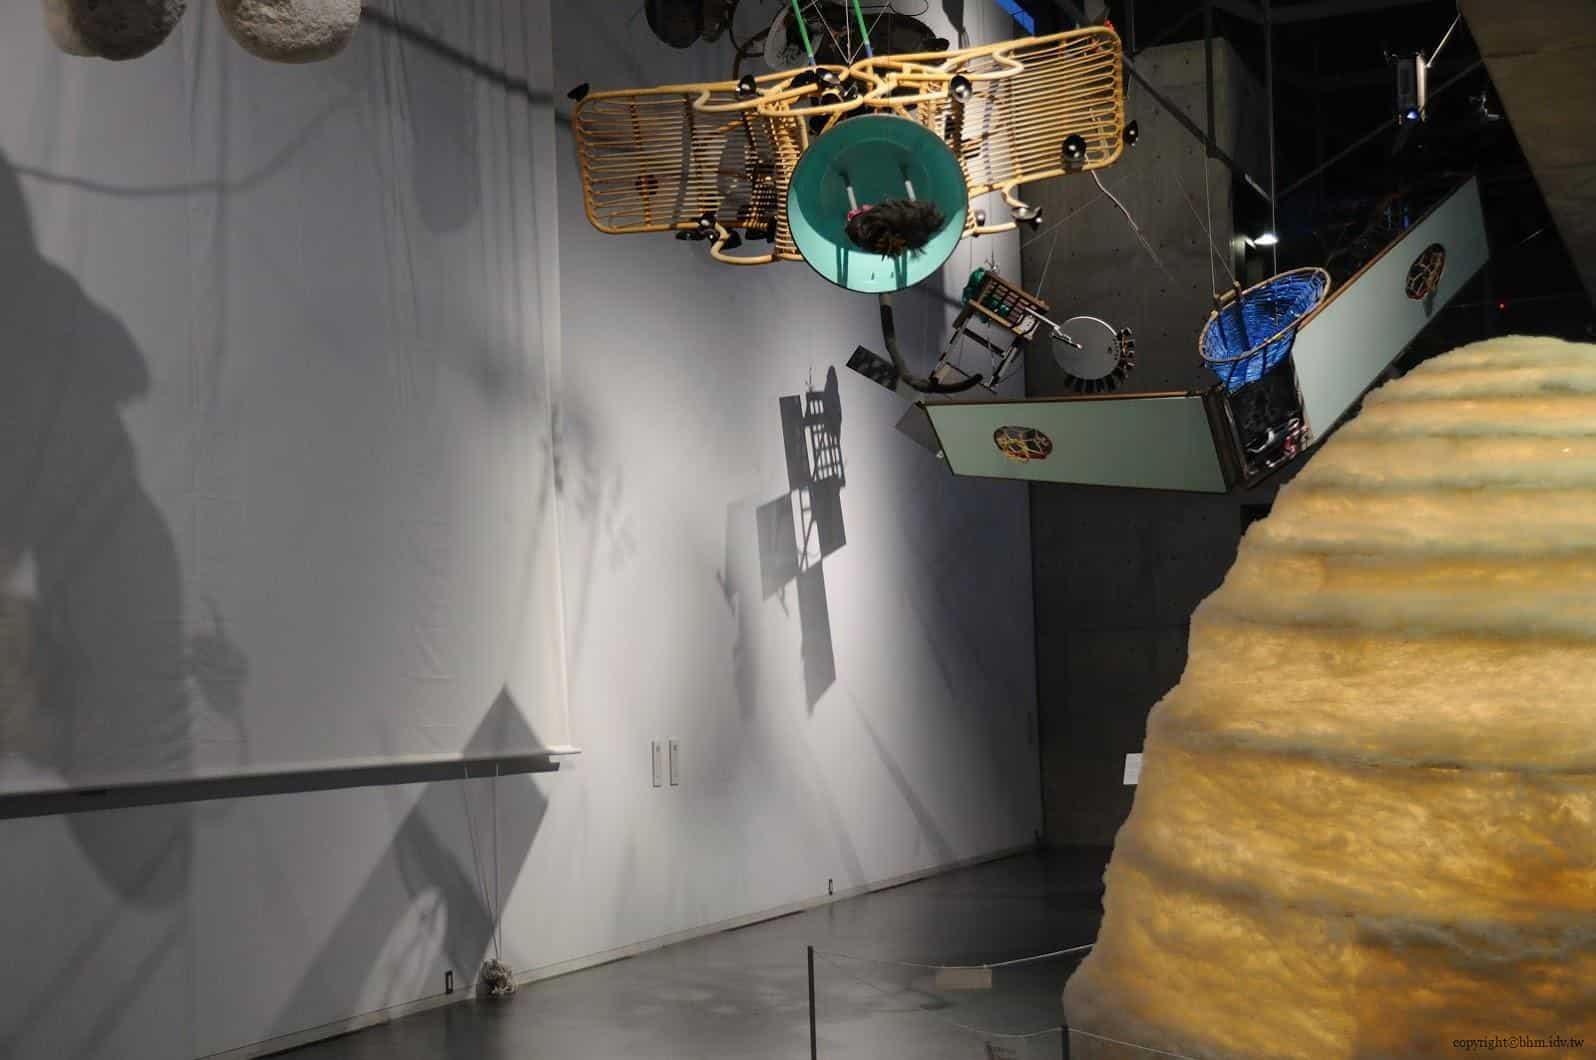 原廣司+ATELIER建築研究所,越後妻有里山現代美術館,使用當地各種回收素材做成的人造衛星,瑞士藝術家Gerda Steiner & Jorg Lenzlinger(ゲルダ・シュタイナー&ヨルク・レンツリンガー)的作品《GHOST SATELLITES》(ゴースト・サテライト) 越後妻有里山現代美術館 越後妻有里山現代美術館 echigo tsumari kouryukan echigo tsumari exchange center 17